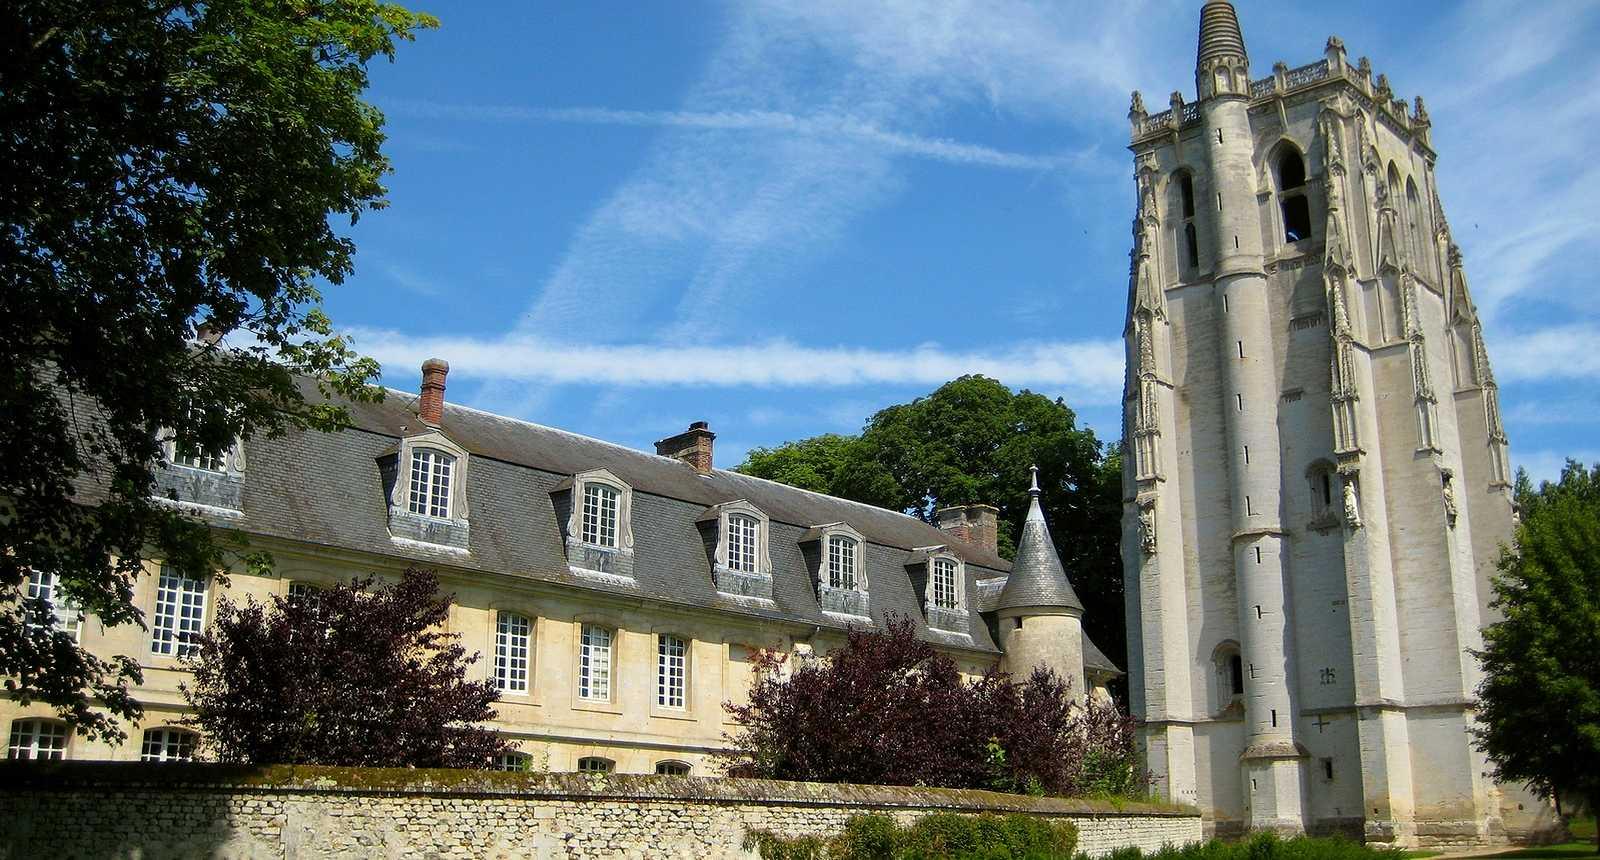 L'Abbaye Notre-Dame du Bec et la Tour Saint-Nicolas au Bec-Hellouin